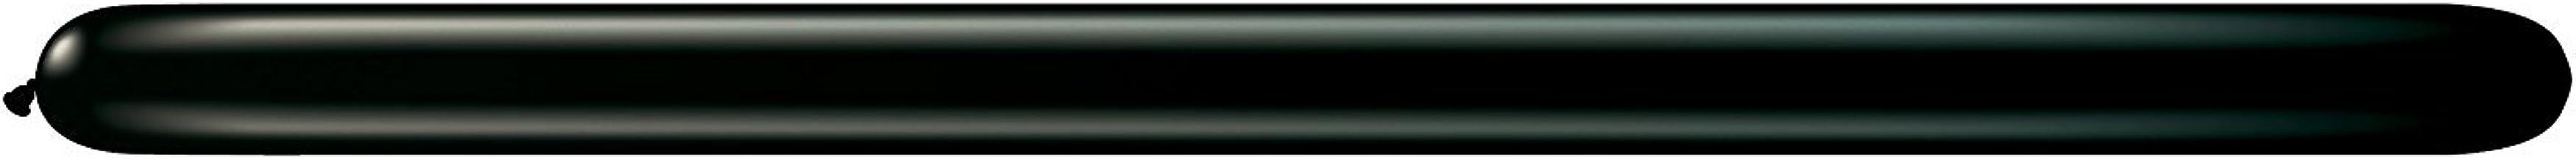 Qualatex ★260Q★ジュエルカラー(単色)約100入 オニキスブラック 【風船 バルーン】【マジックバルーン】 【ペンシルバルーン】【ツイストバルーン】【バルーンアート】【縁日】【お祭り】